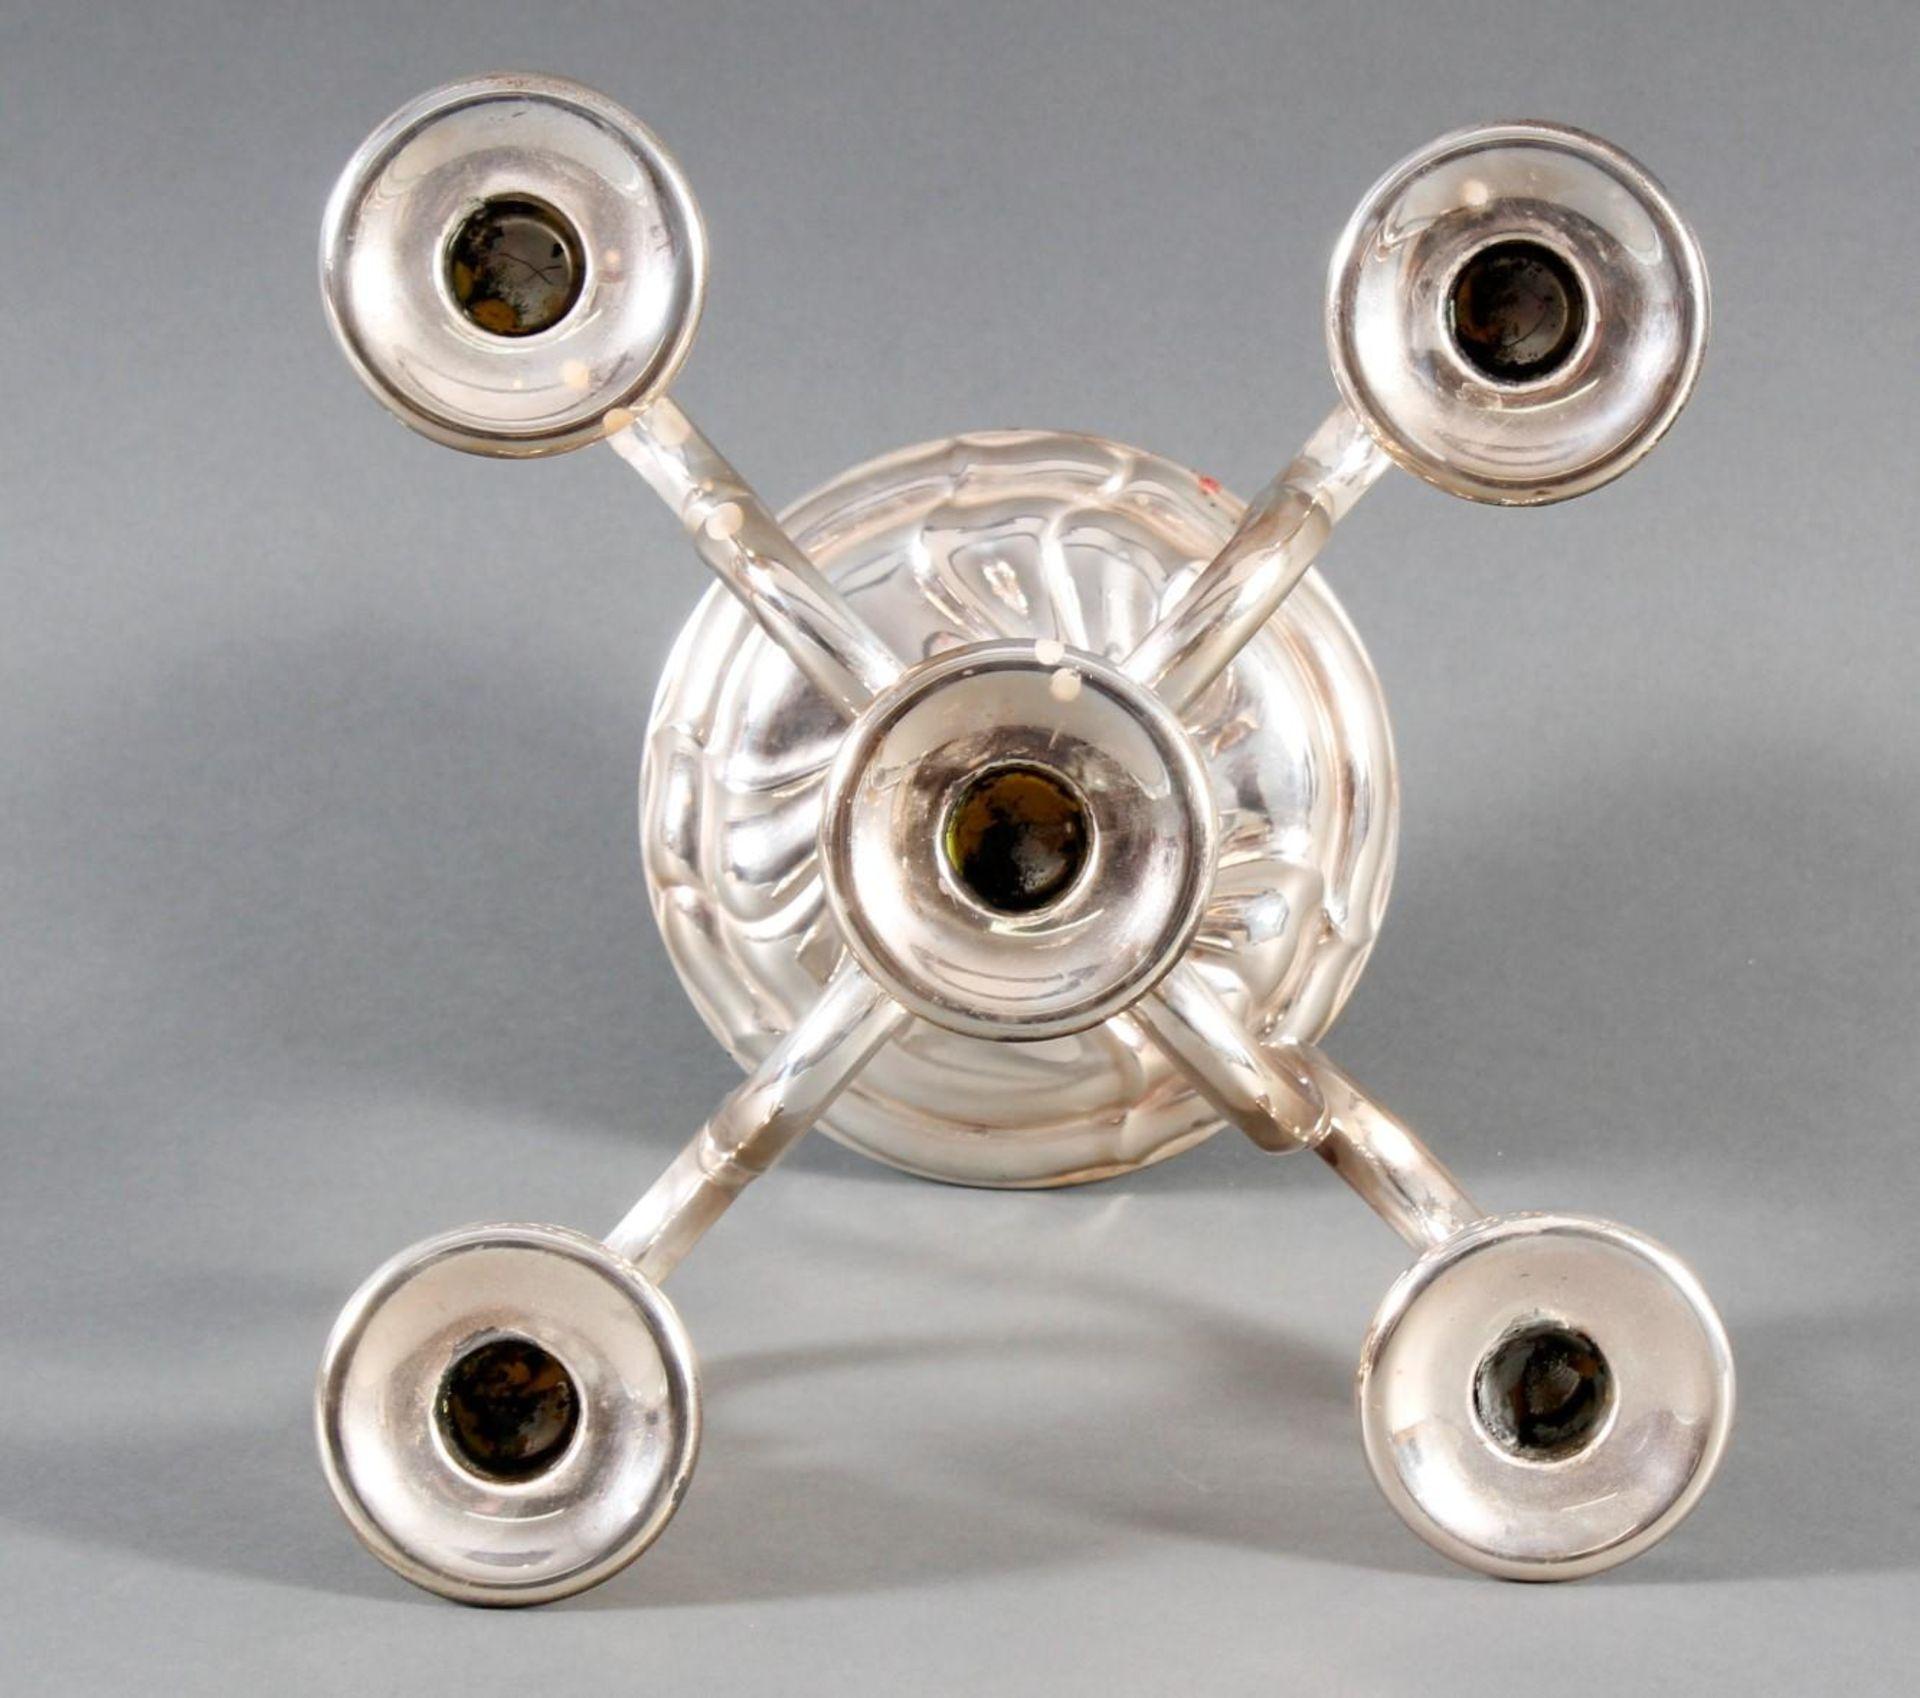 Silberner Kerzenständer - Bild 2 aus 4